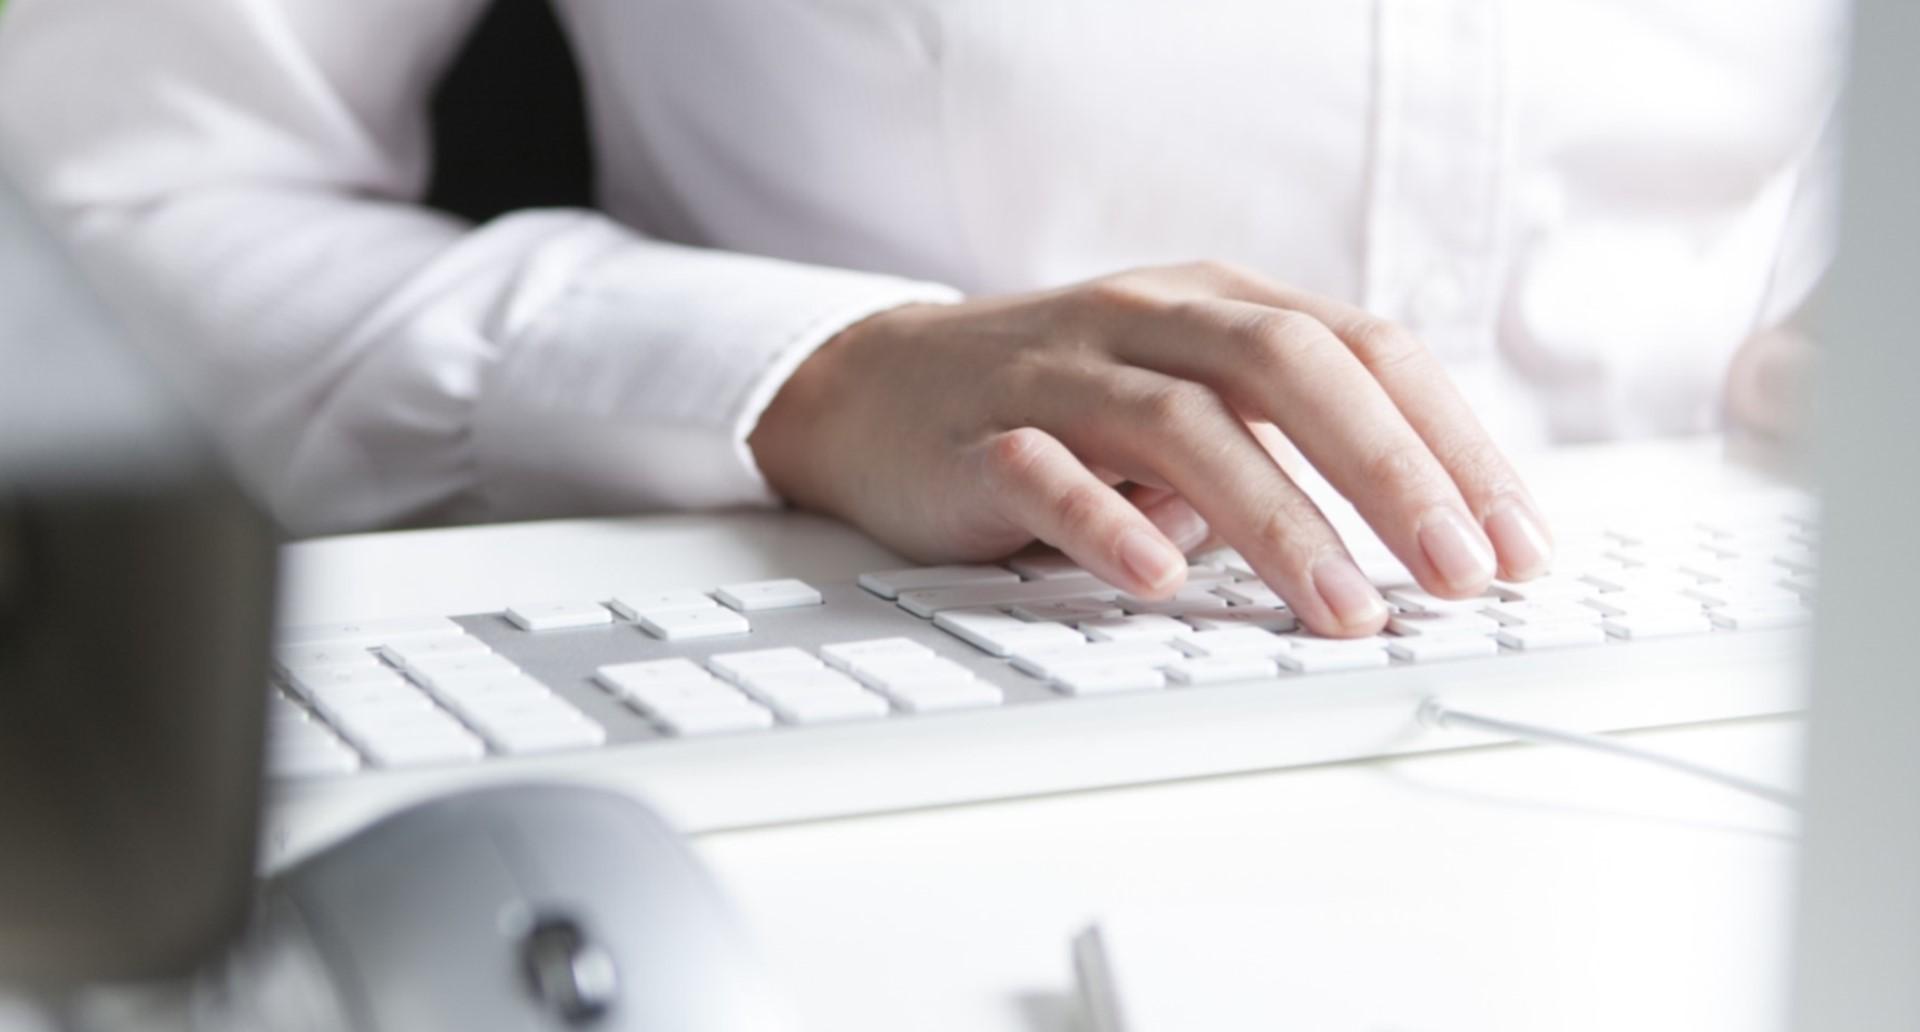 Frau arbeitet am Schreibtisch, Tastatur